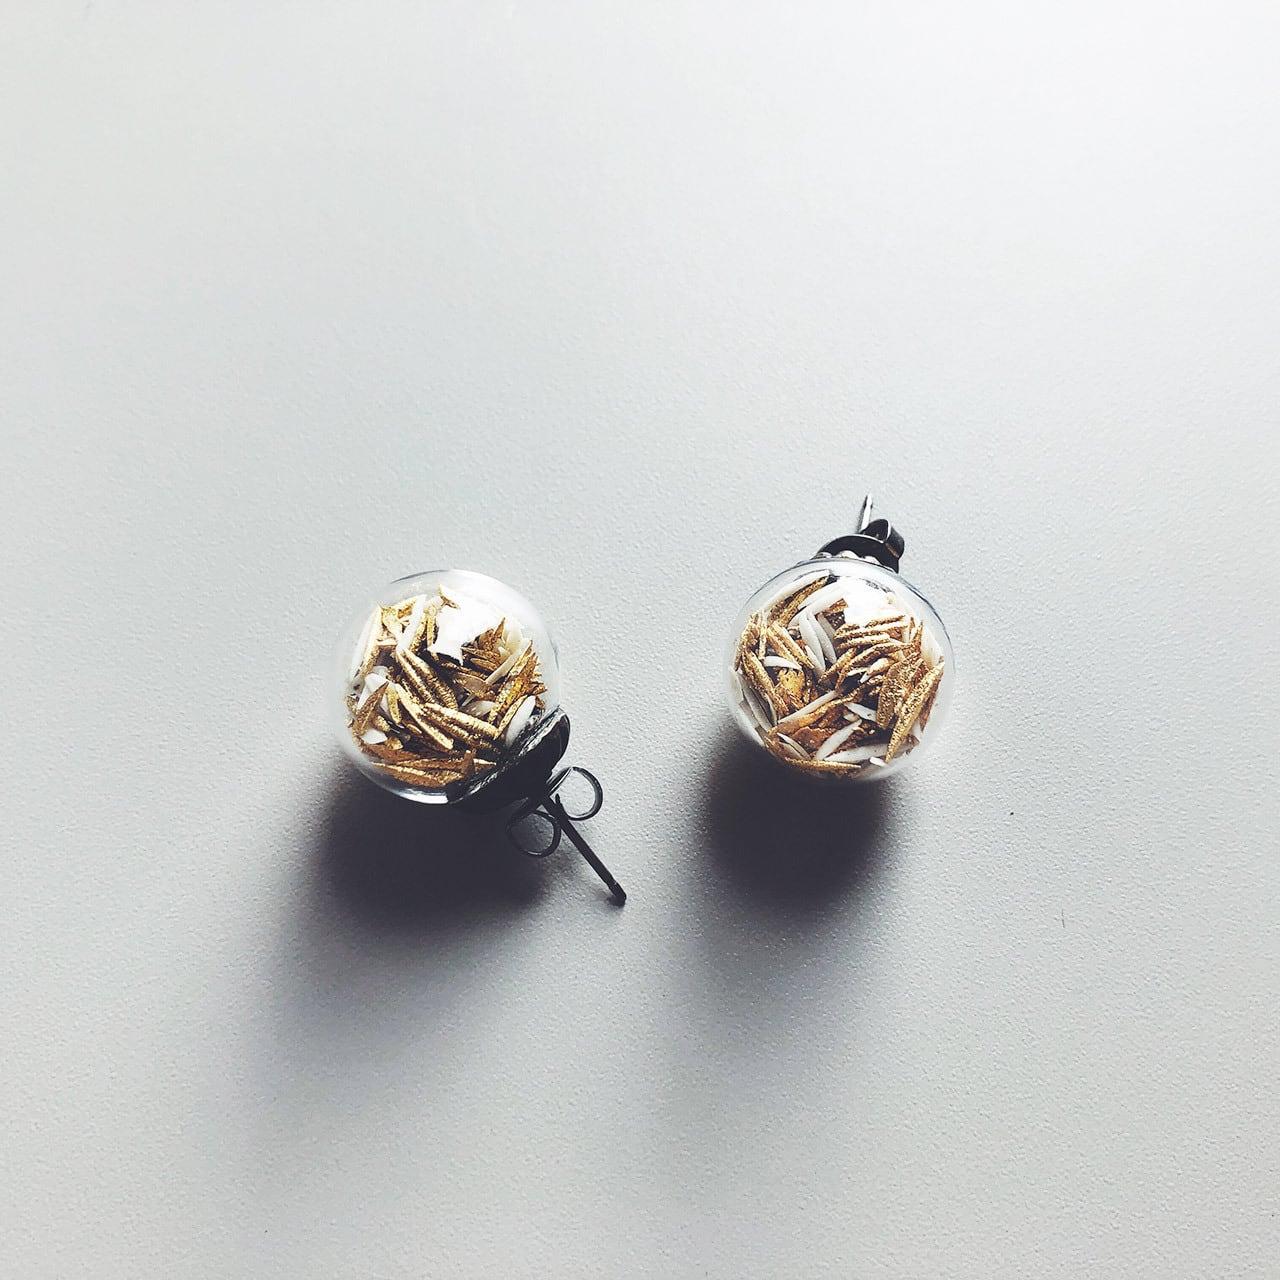 時の雫 / スタッドピアス ゴールド